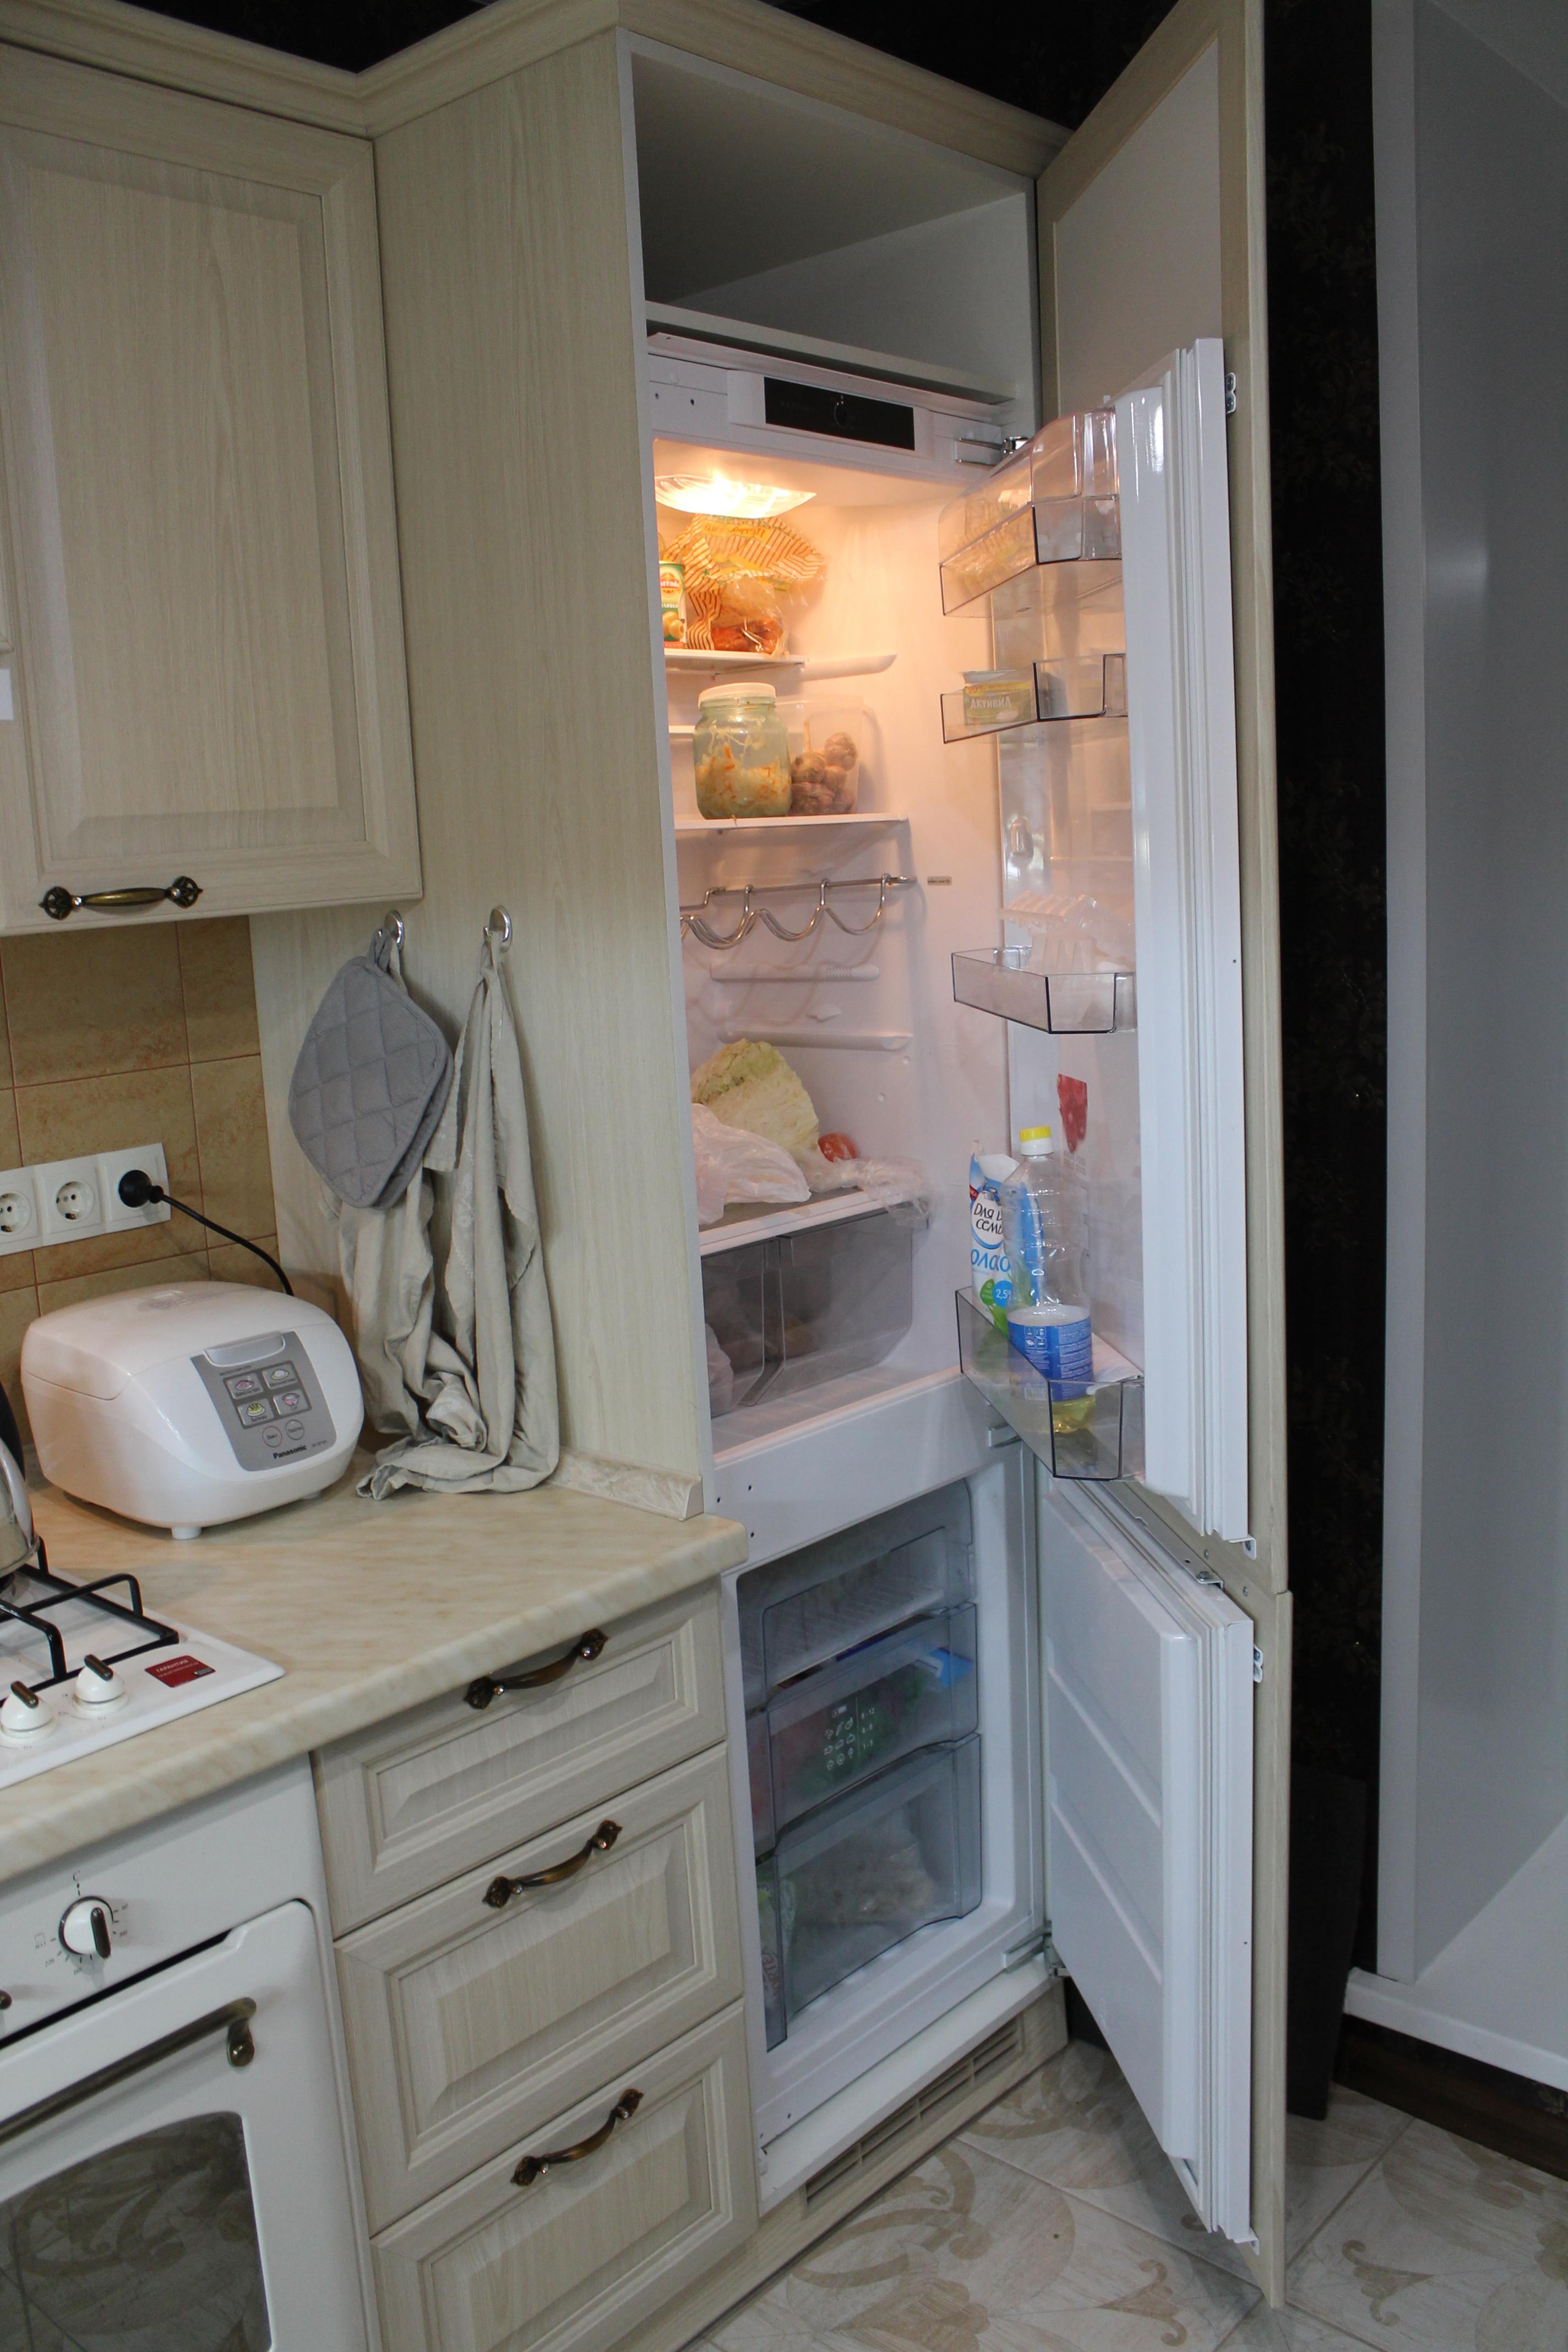 встроенный холодильник на кухне.JPG